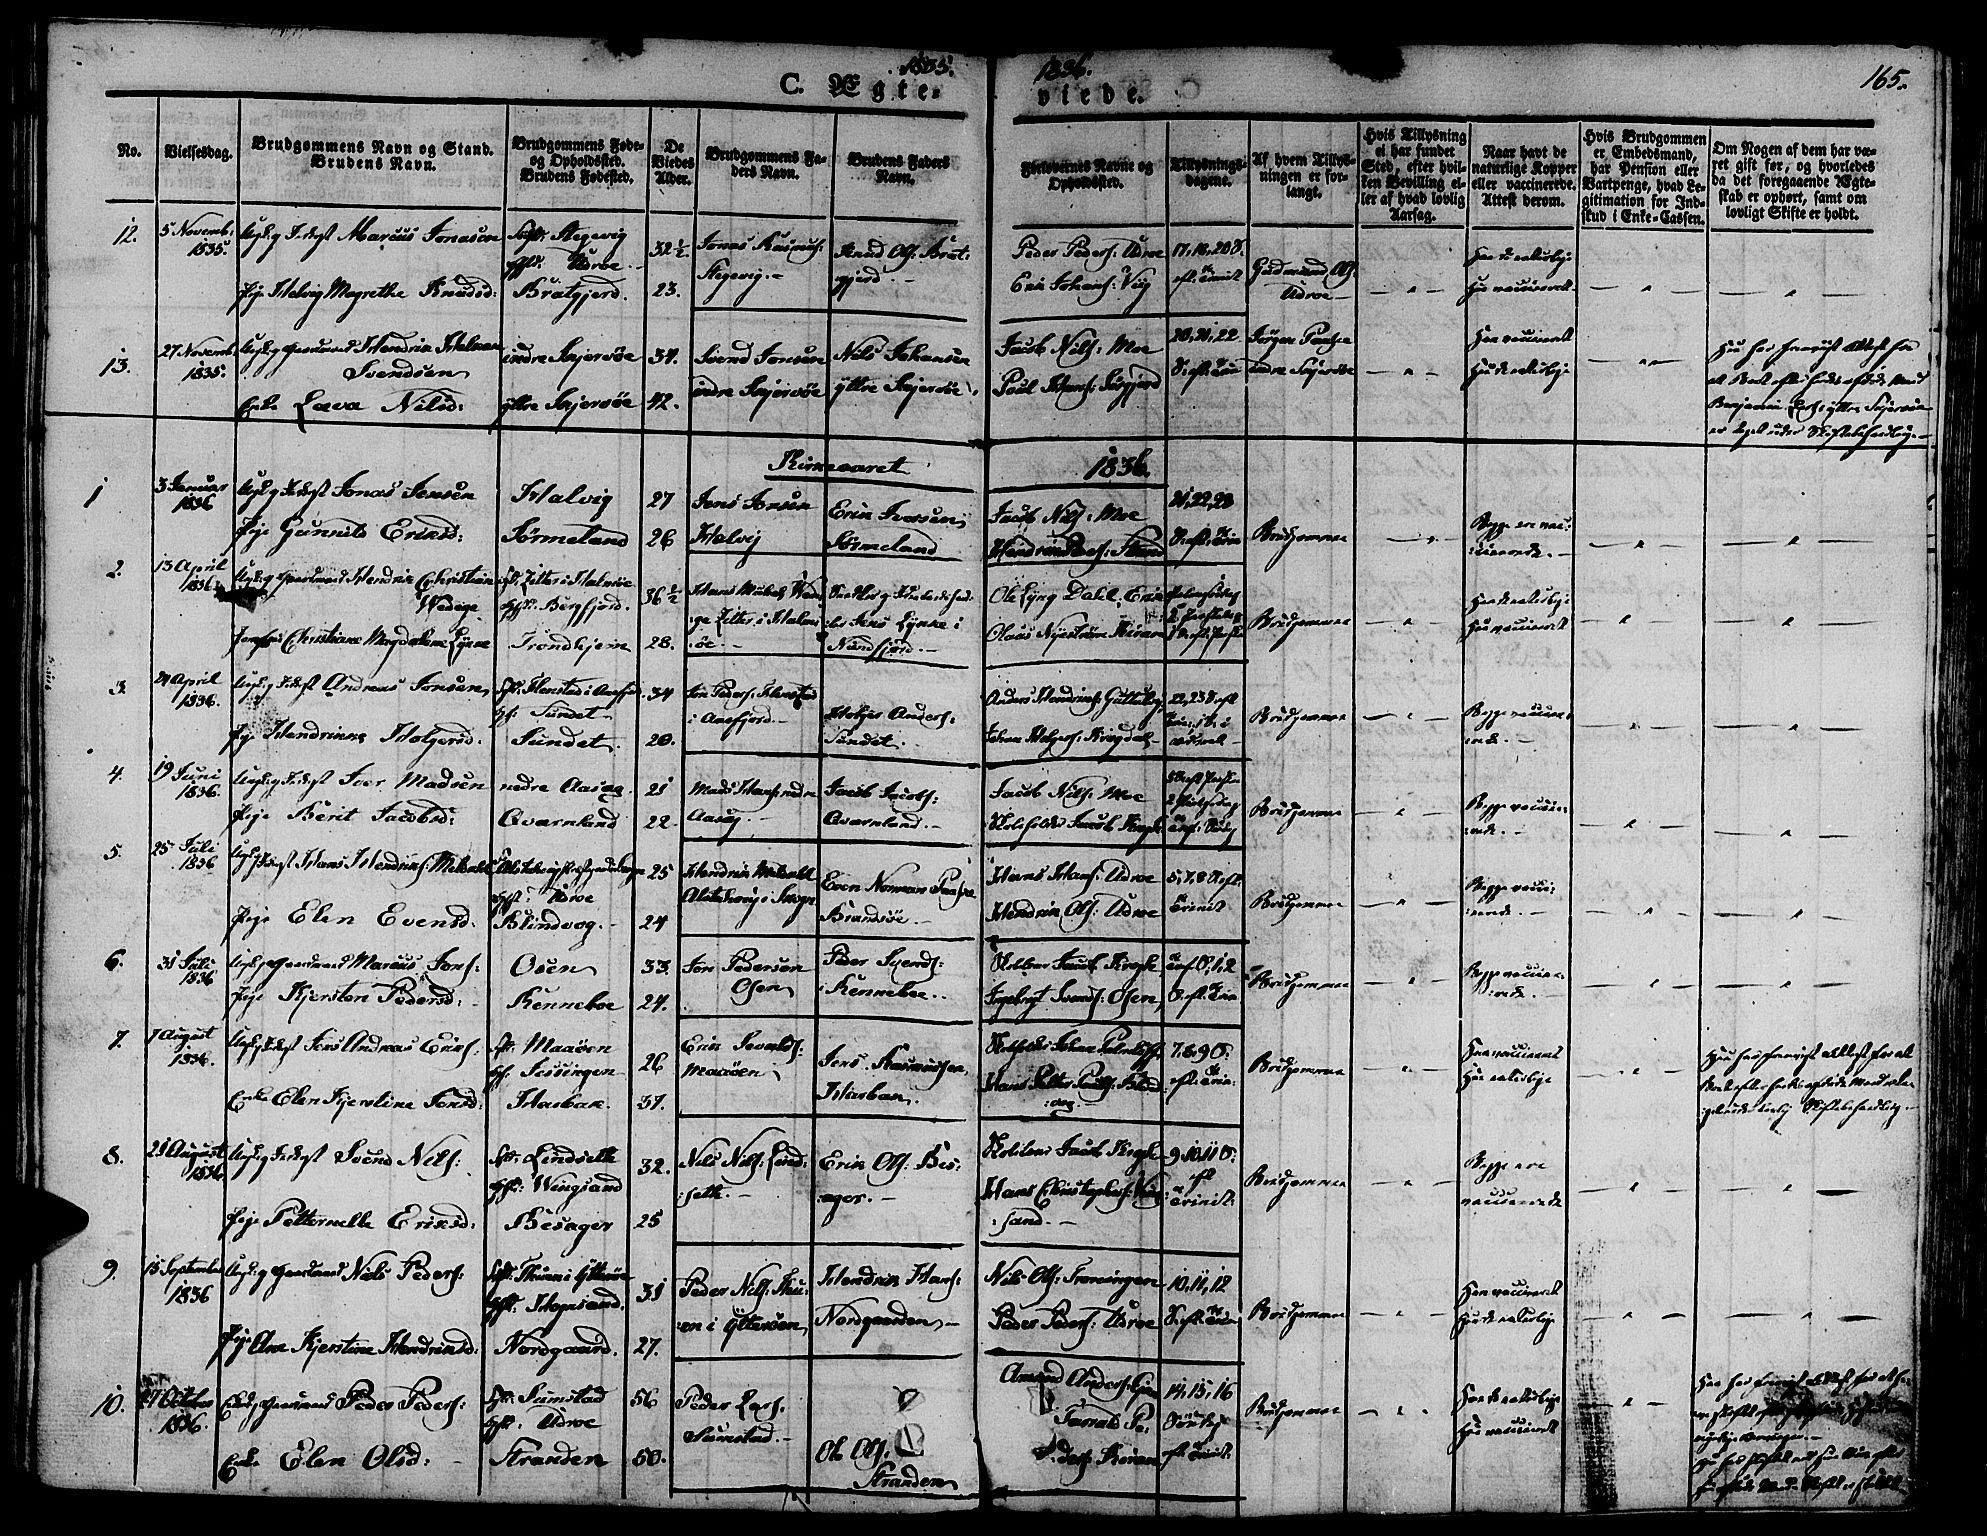 SAT, Ministerialprotokoller, klokkerbøker og fødselsregistre - Sør-Trøndelag, 657/L0703: Ministerialbok nr. 657A04, 1831-1846, s. 165